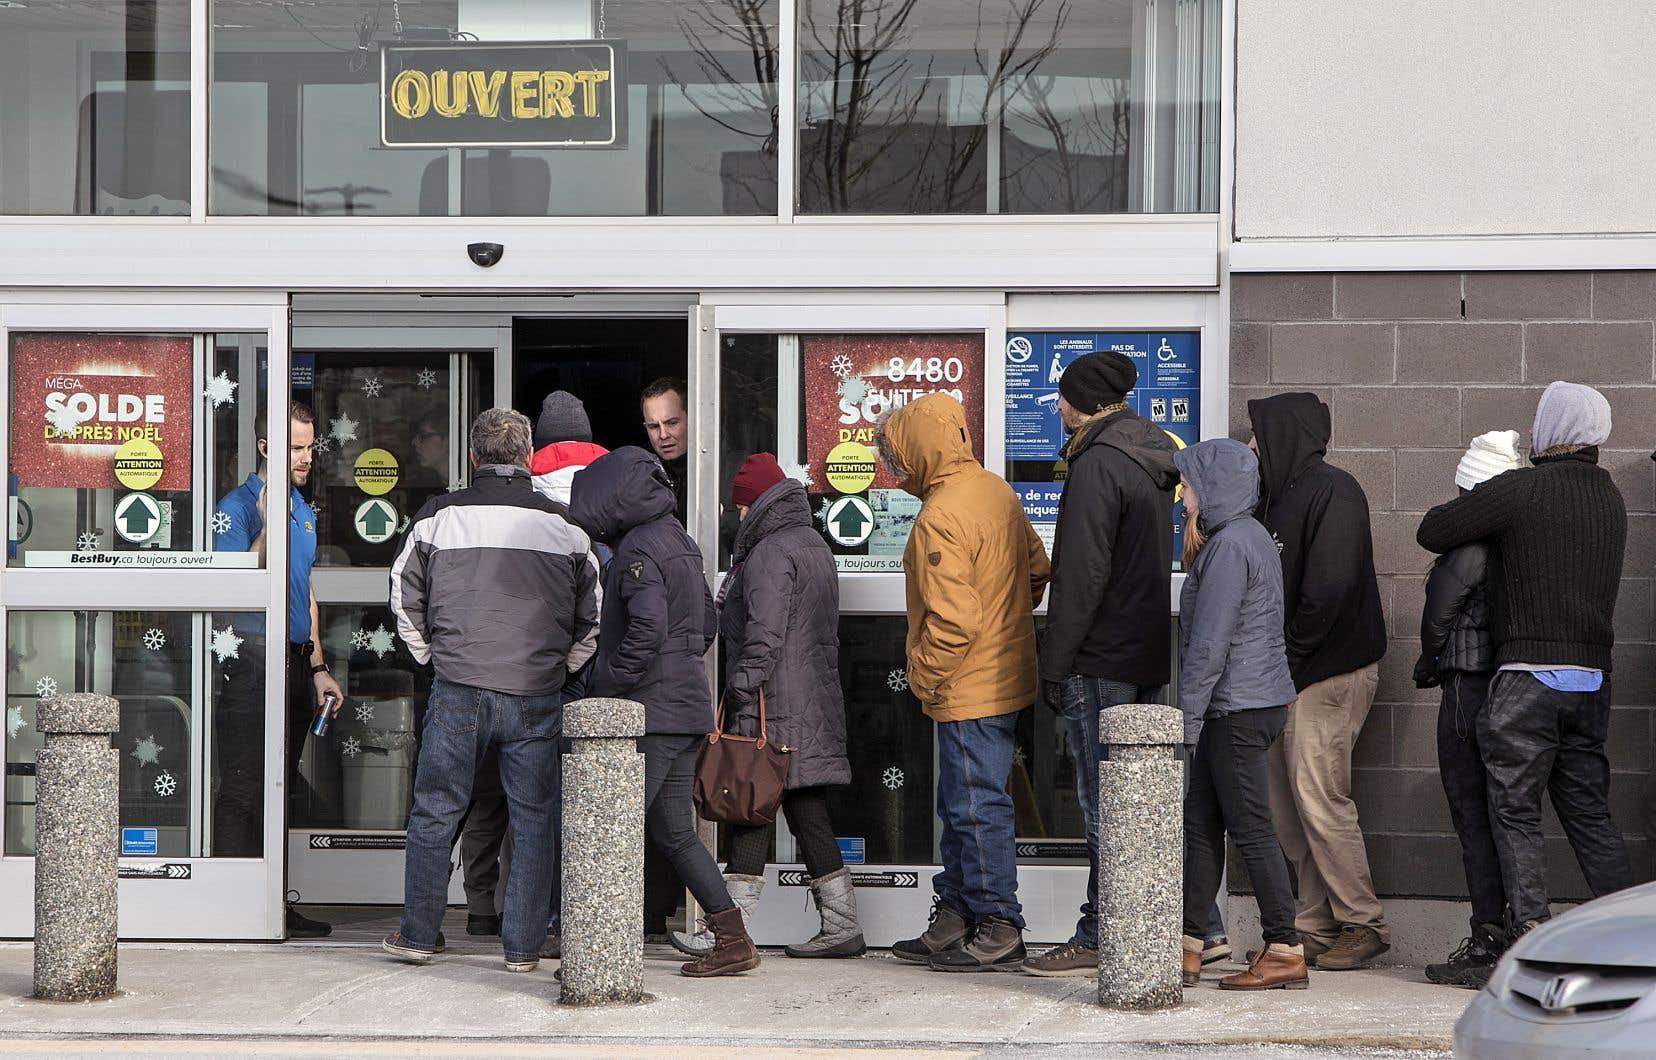 La fête du «Boxing Day» remonte à bien plus loin que les soldes dans les magasins à grande surface, qui demeurent très courus.